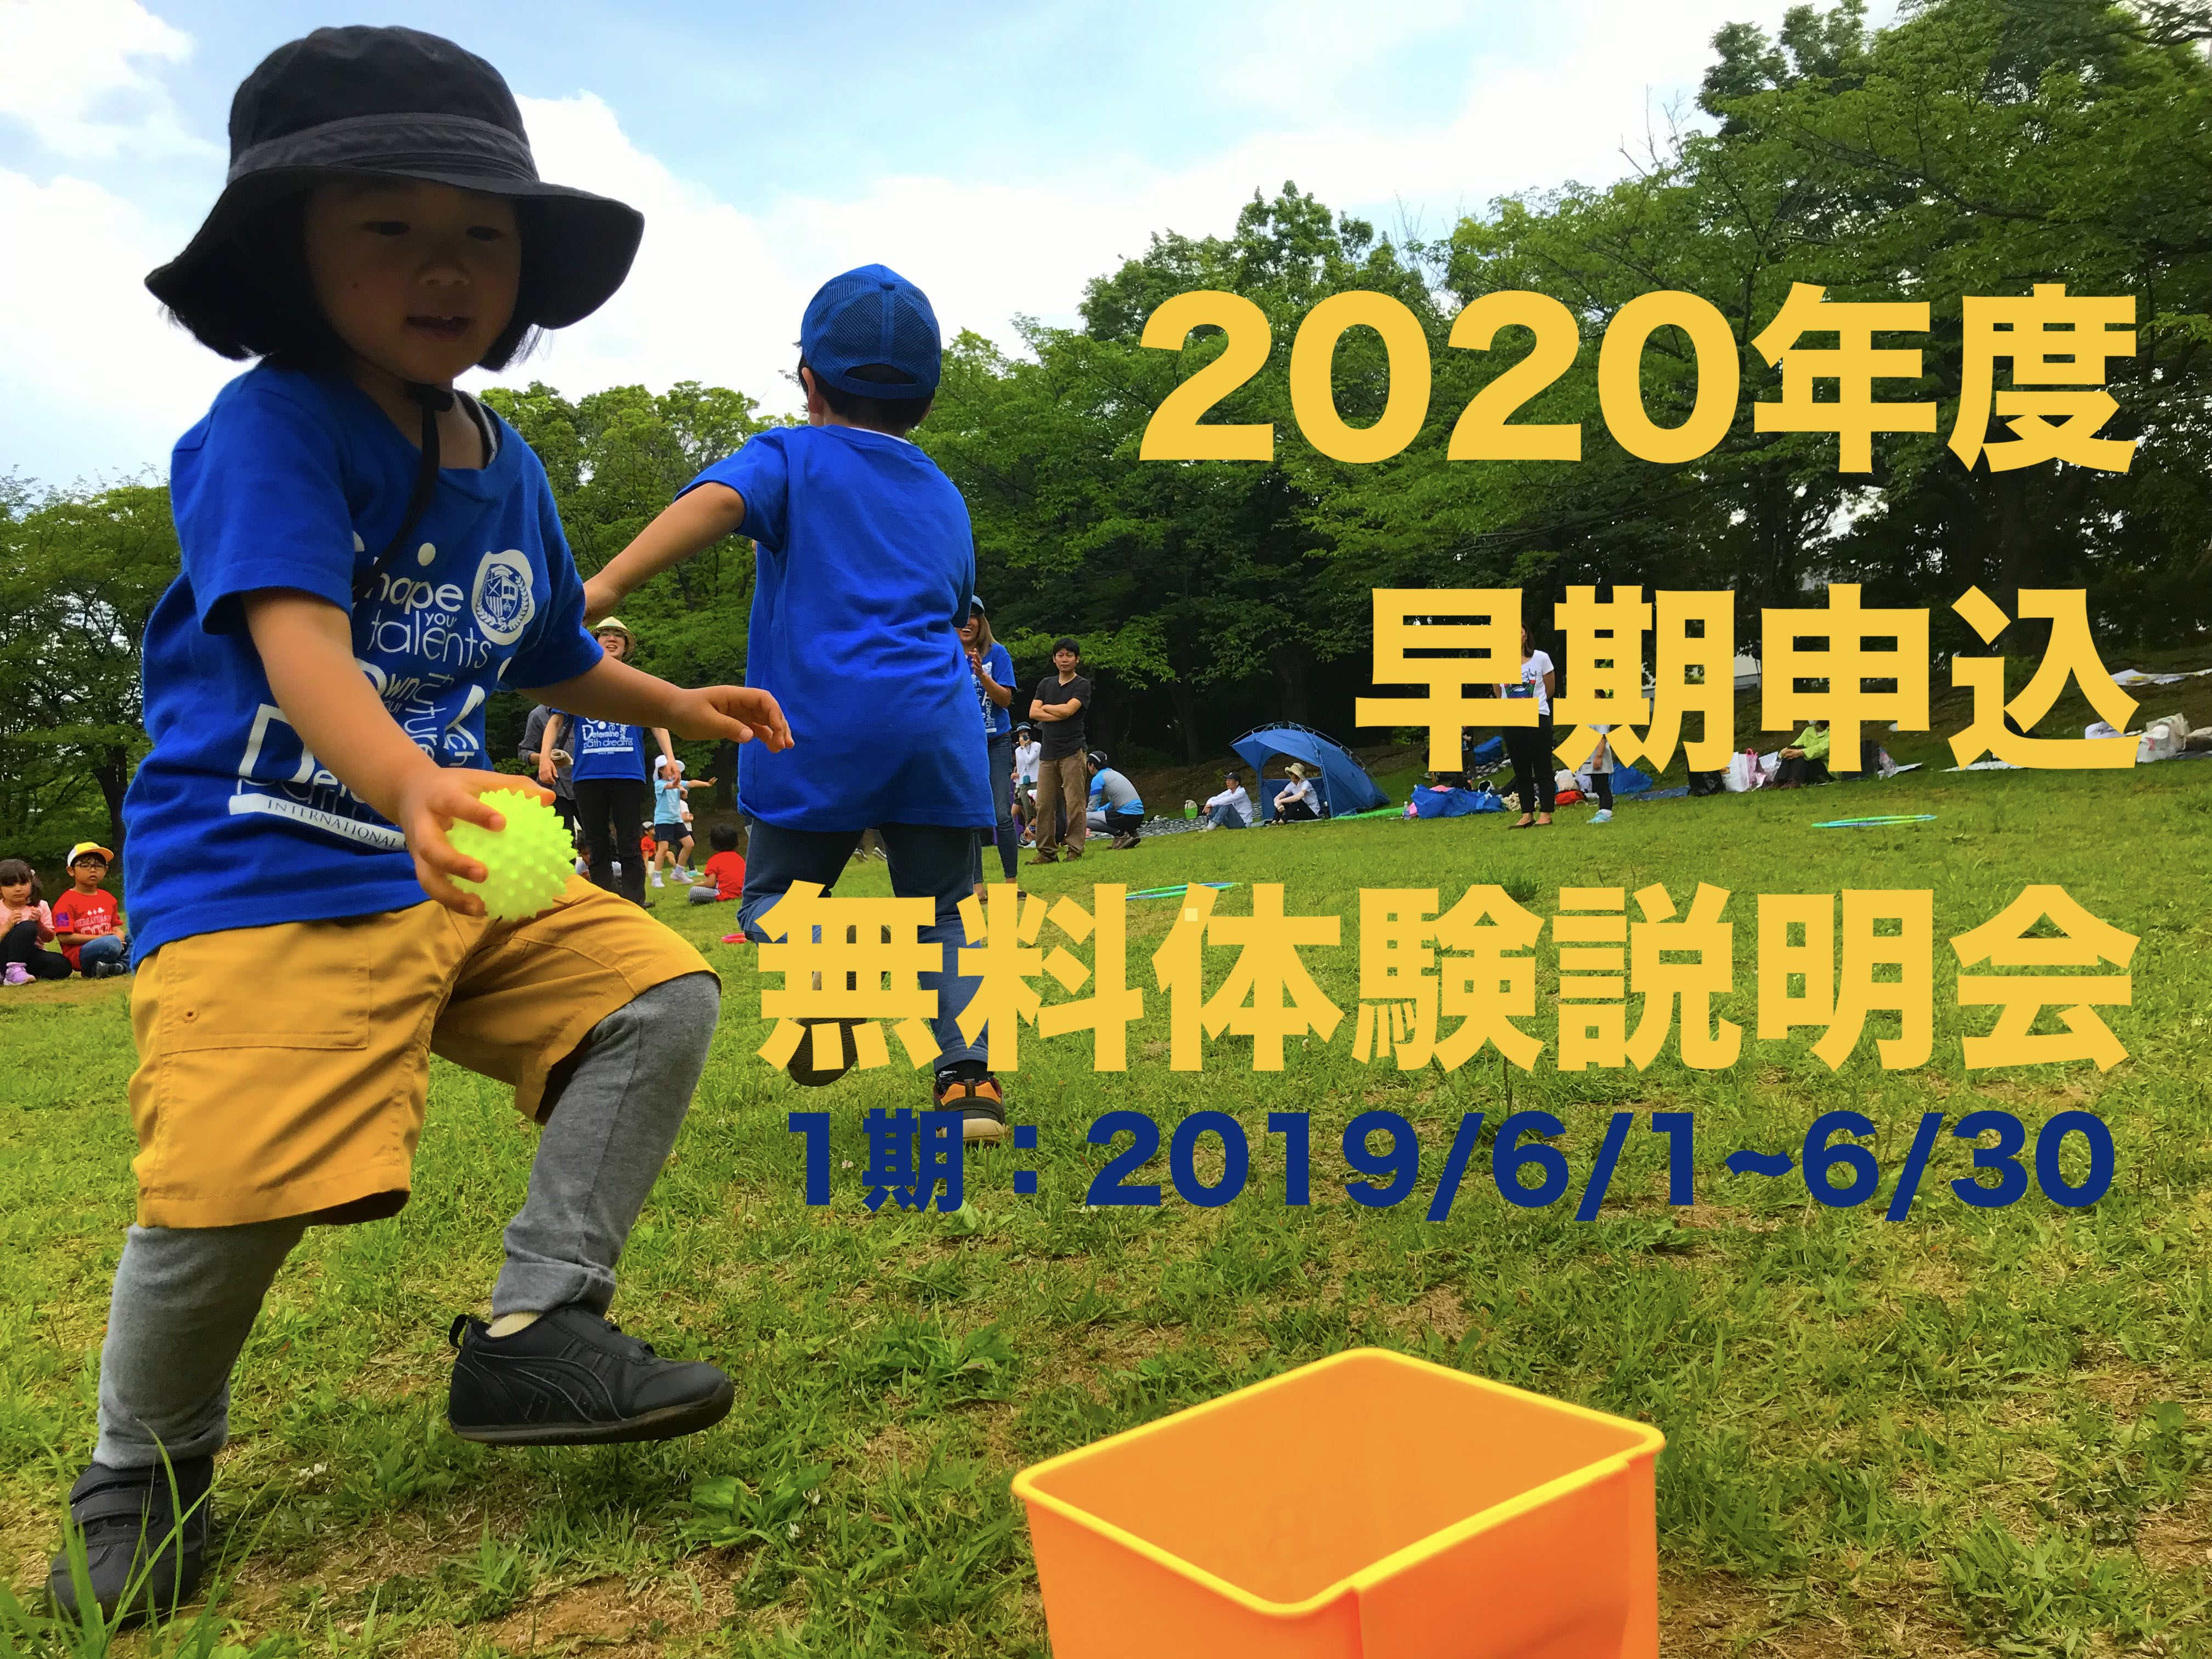 2020年度早期申込 無料見学・体験説明会受付(1期)6/1~受付開始